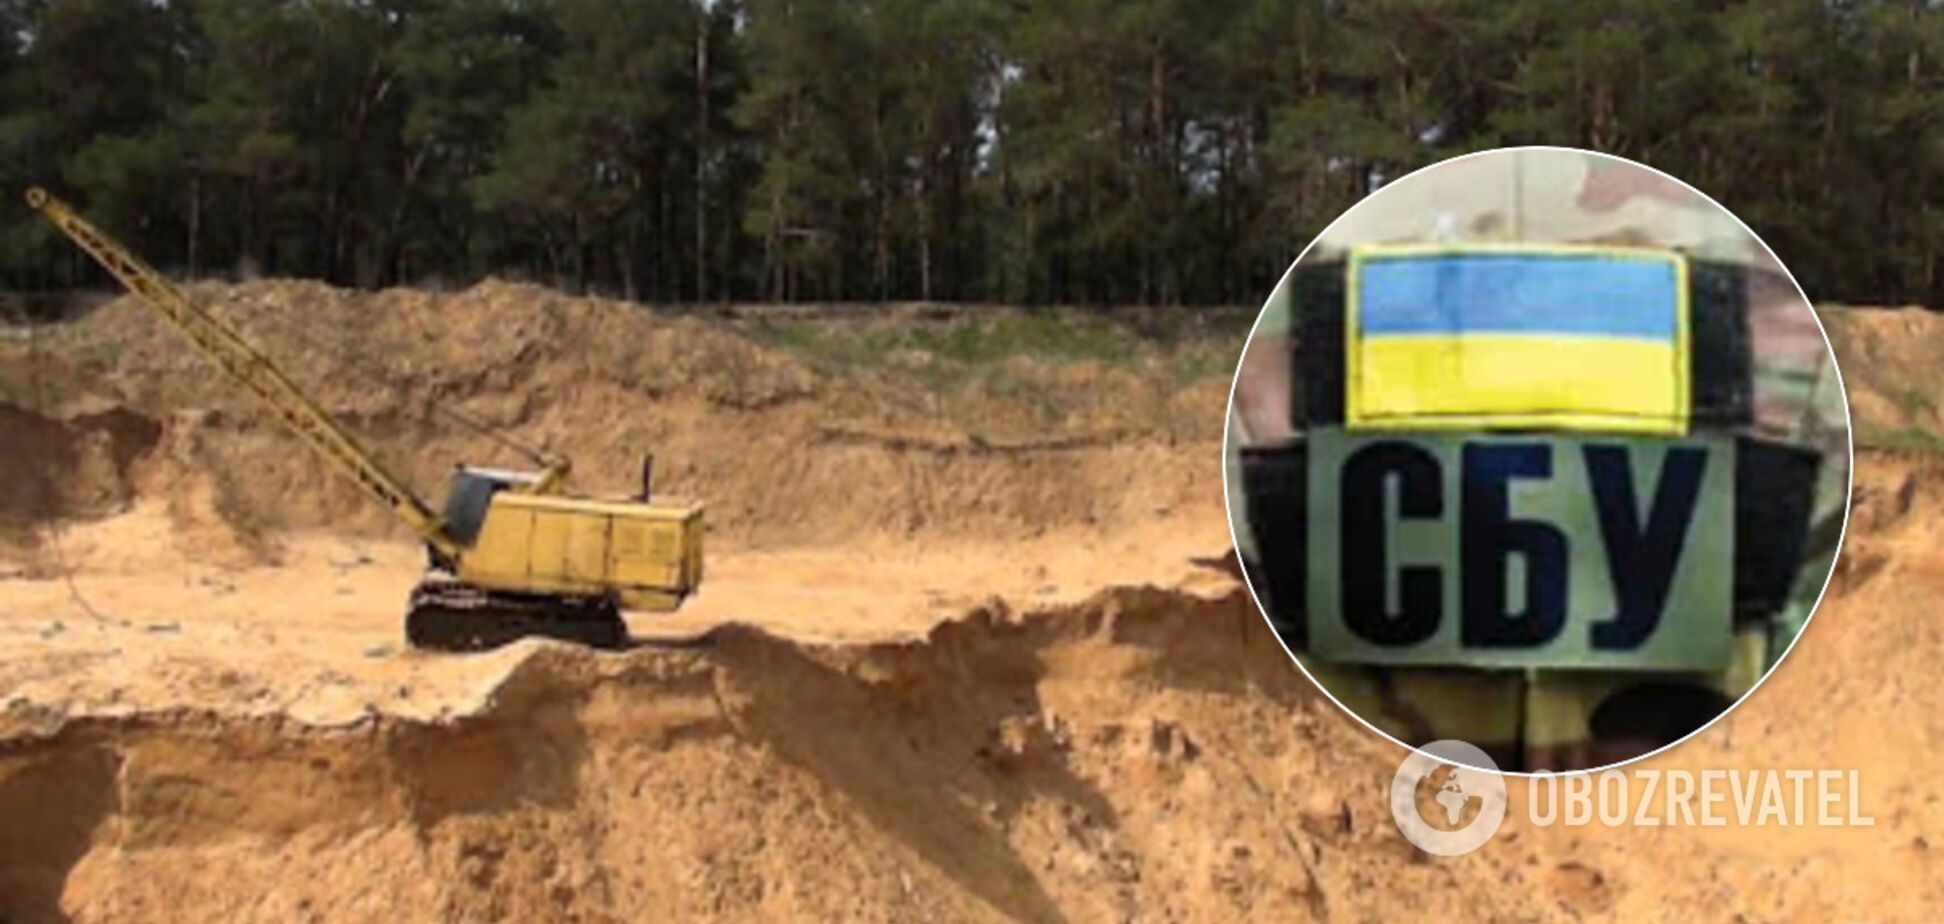 Украли песка на 65 млн: на Харьковщине нанесли критический удар по природе